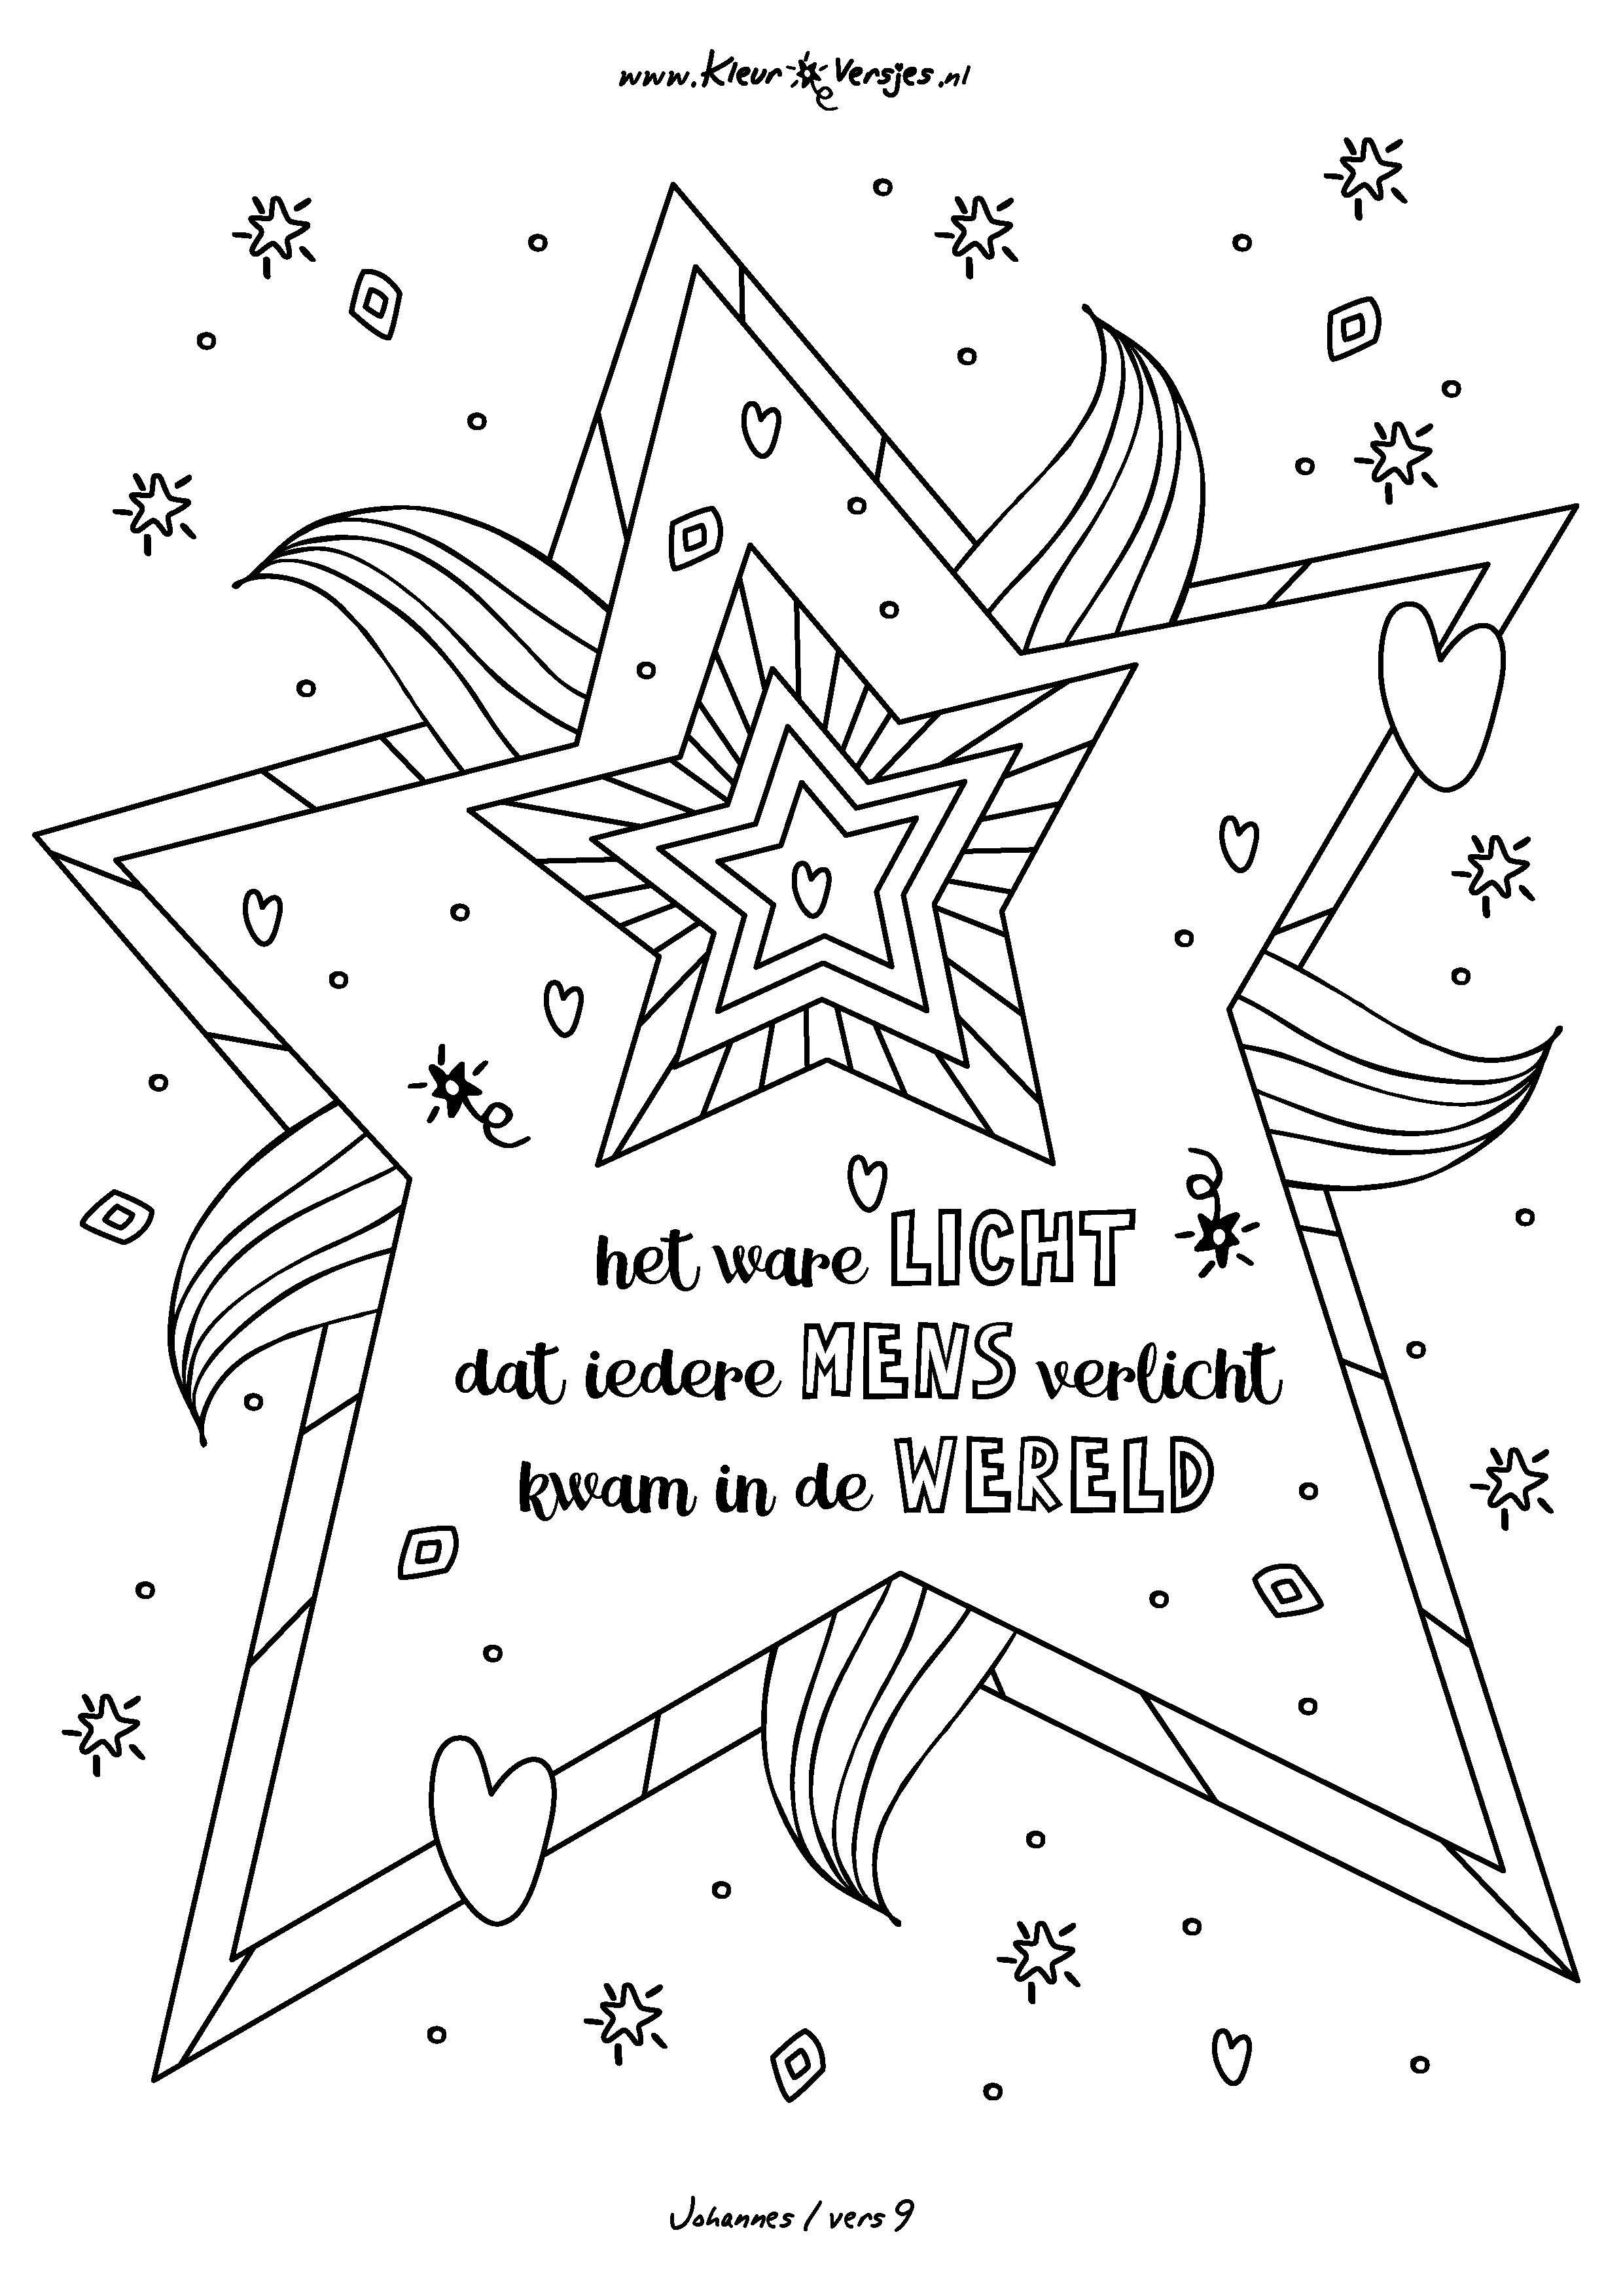 028 Het Ware Licht Dat Ieder Mens Verlicht Kleurversjes Nl Christelijke Knutsels Christelijke Kerst Kerstwerkbladen